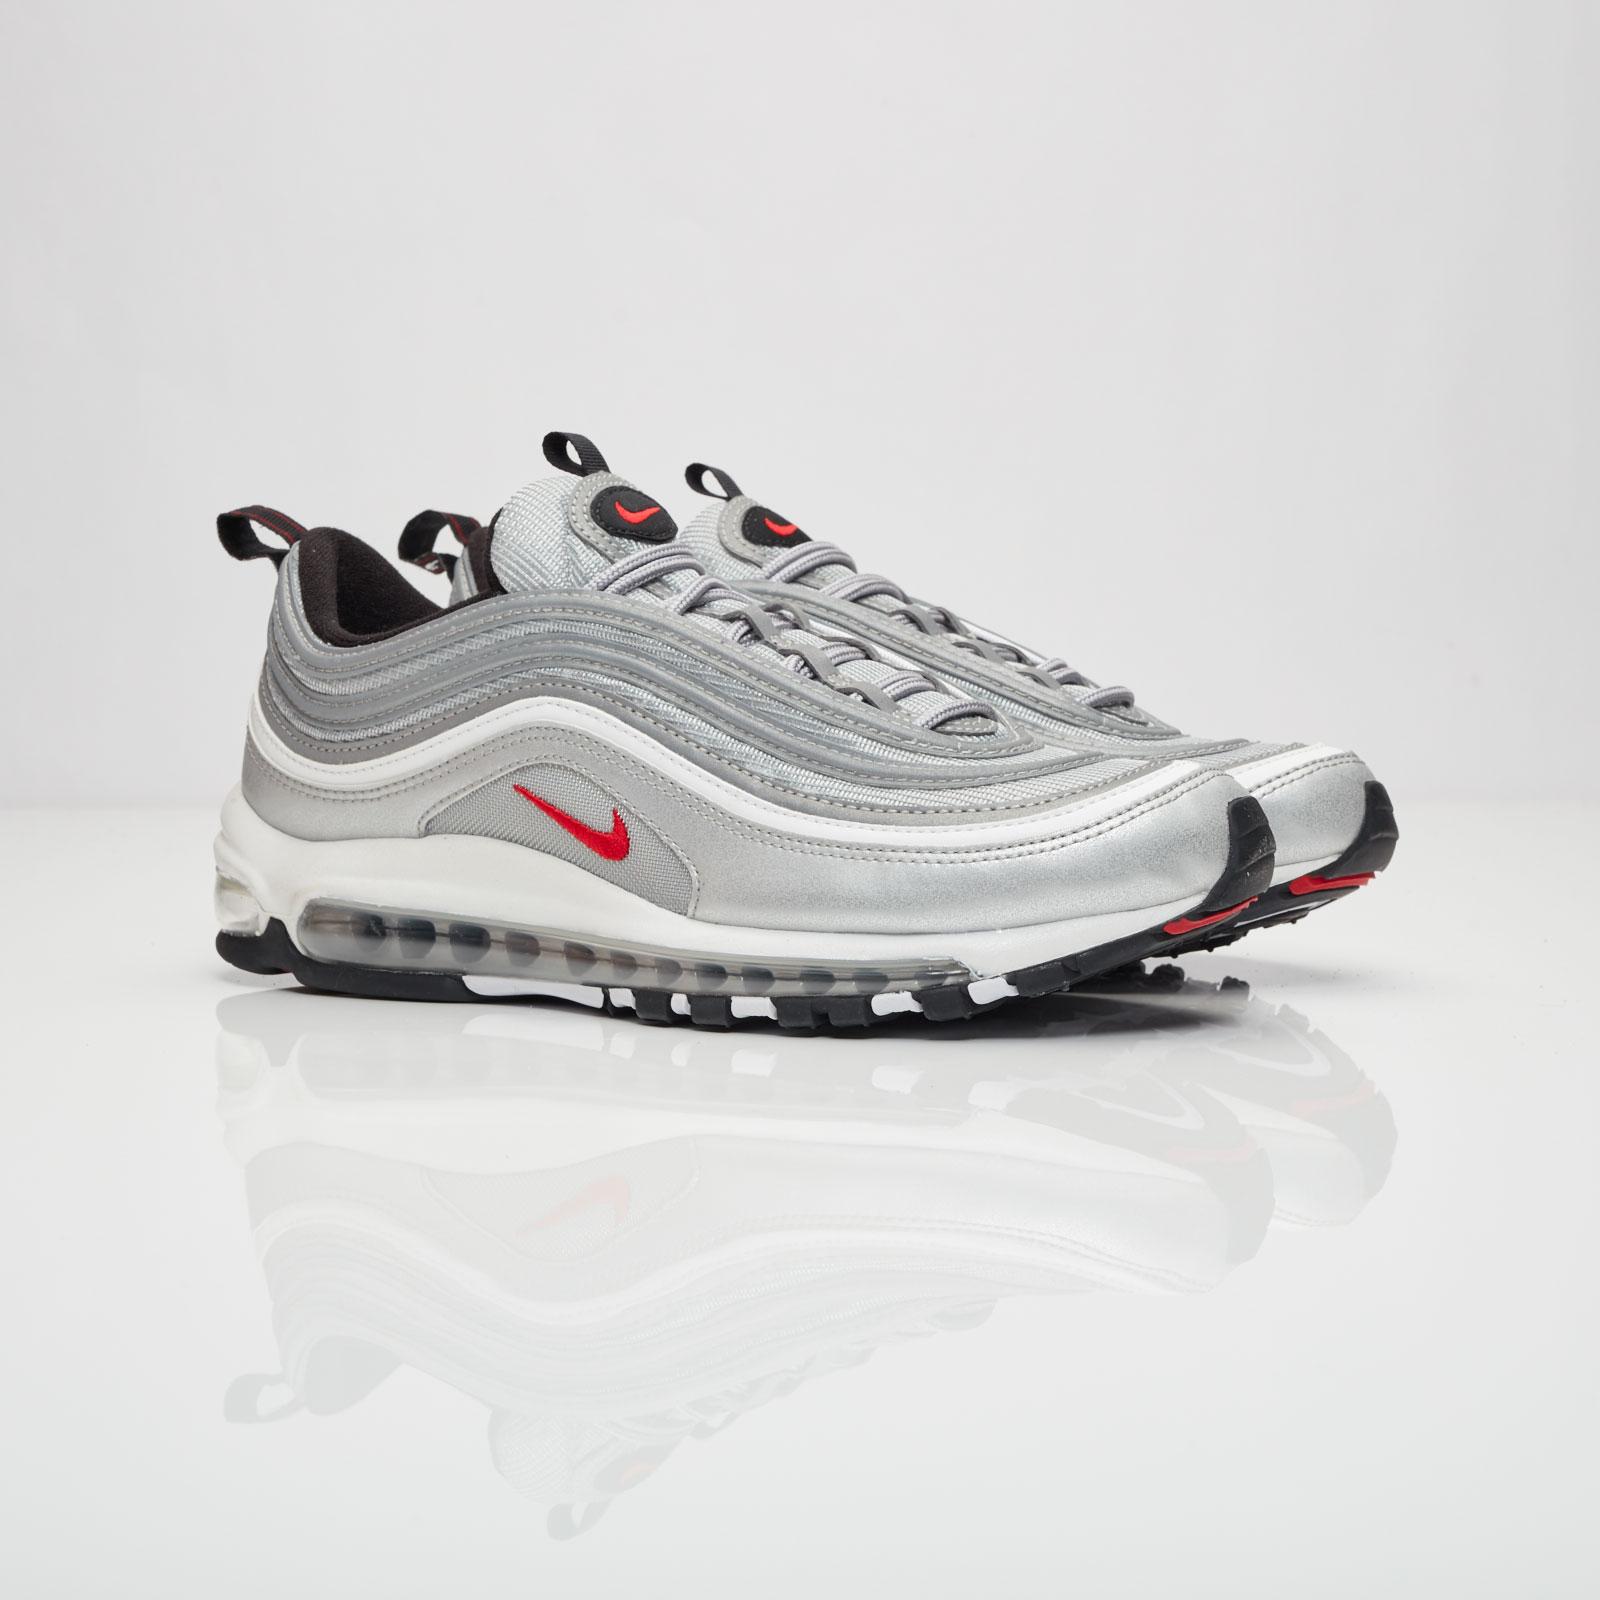 save off 6e987 b5430 Nike Sportswear Air Max 97 OG QS